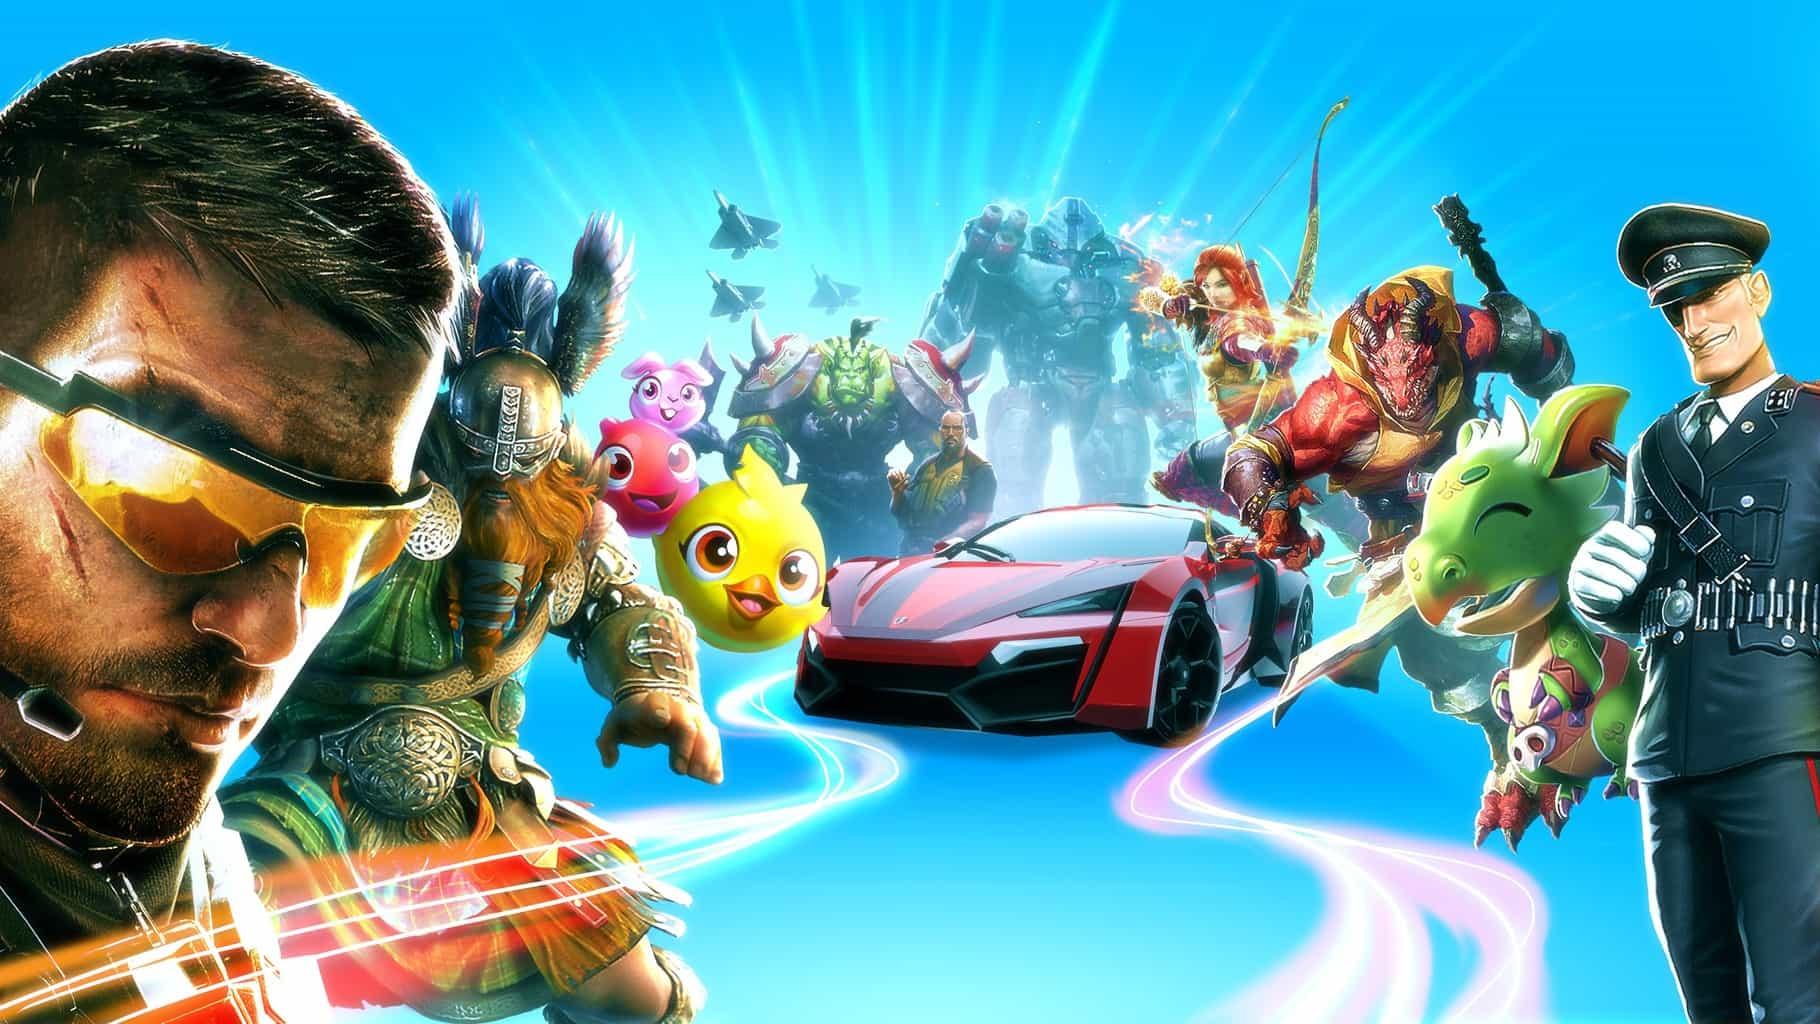 game development meliorgames.com